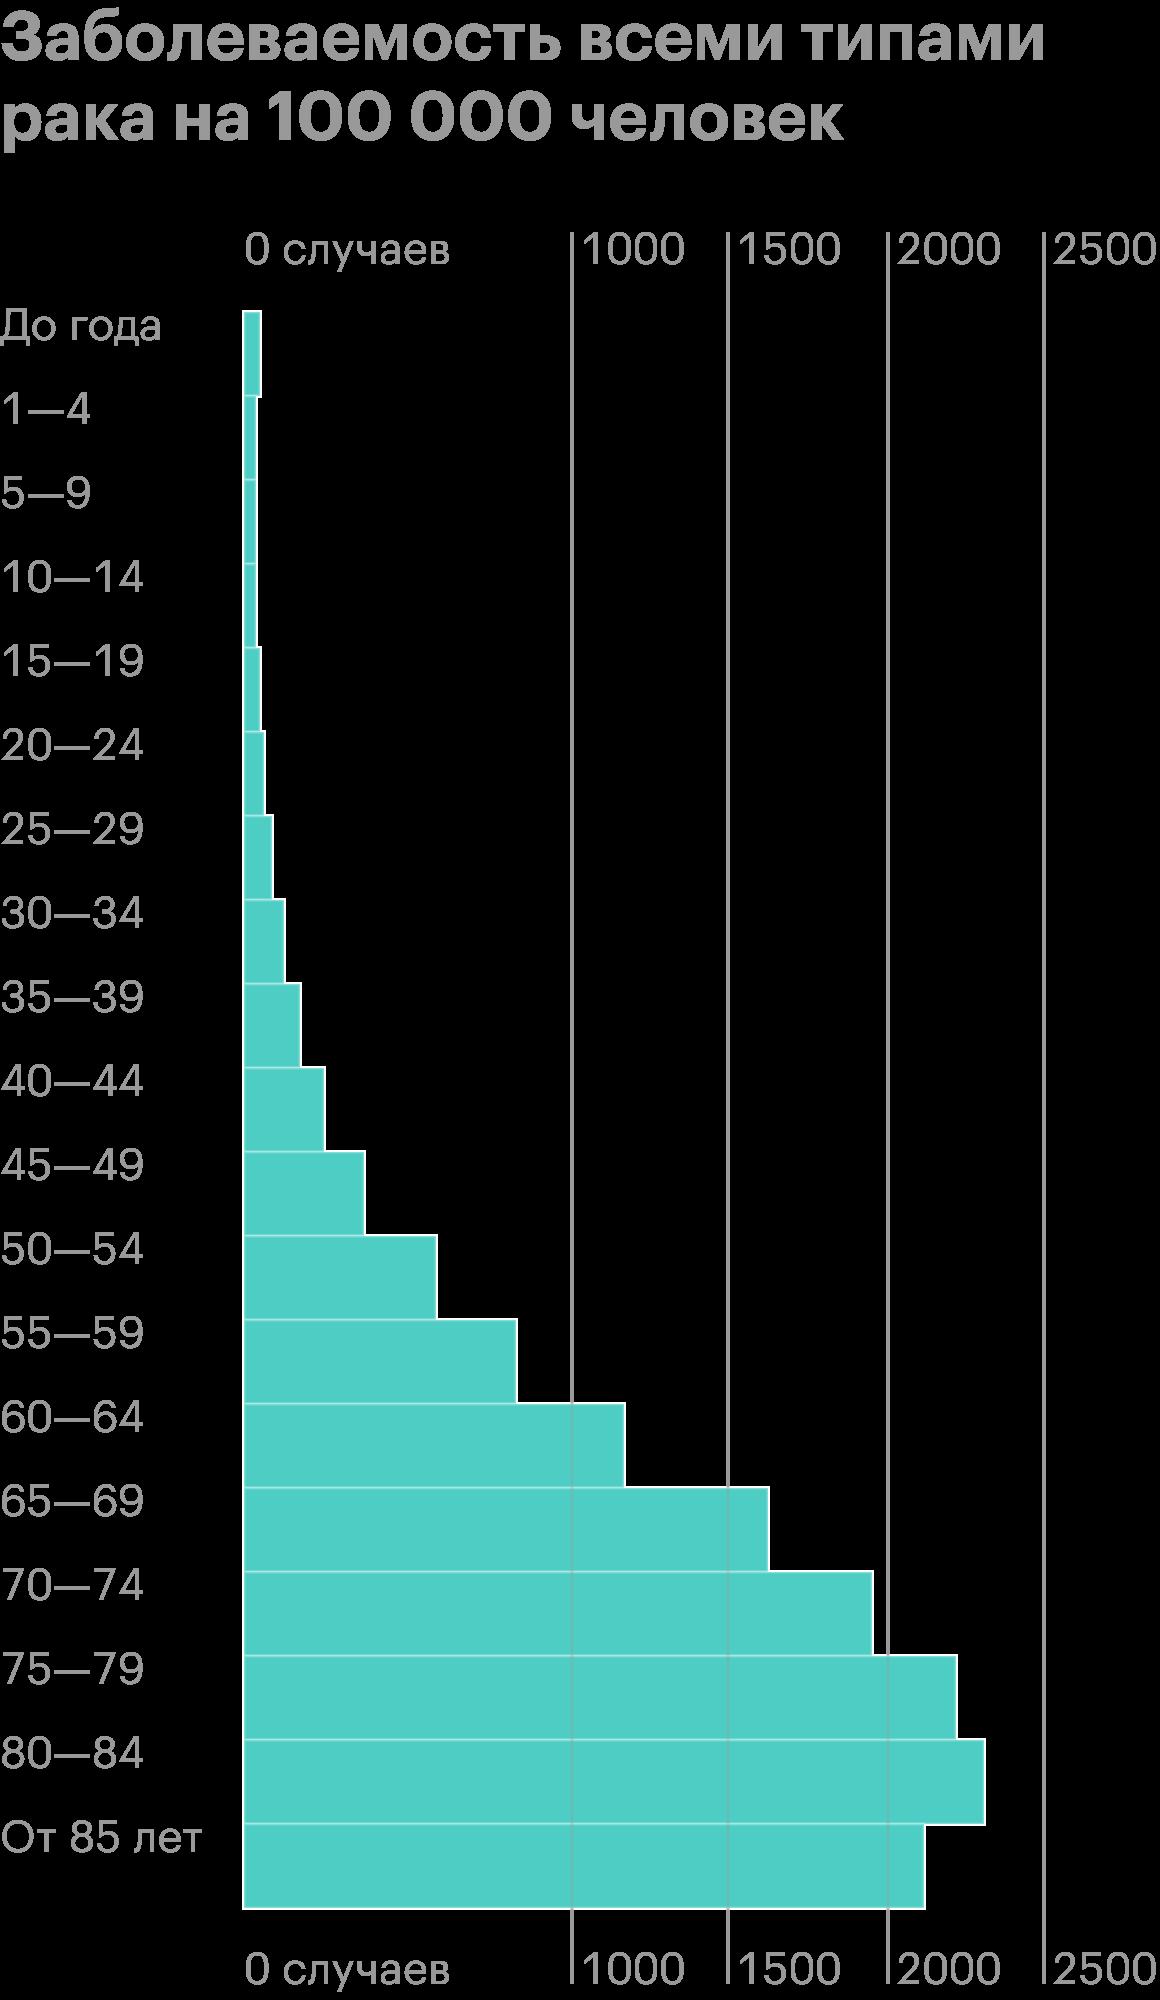 Таккак все больше людей доживают до преклонного возраста, можно ожидать, что число тех, кто заболевает и умирает от рака, будет расти дальше. Источник: Национальный институт онкологии США